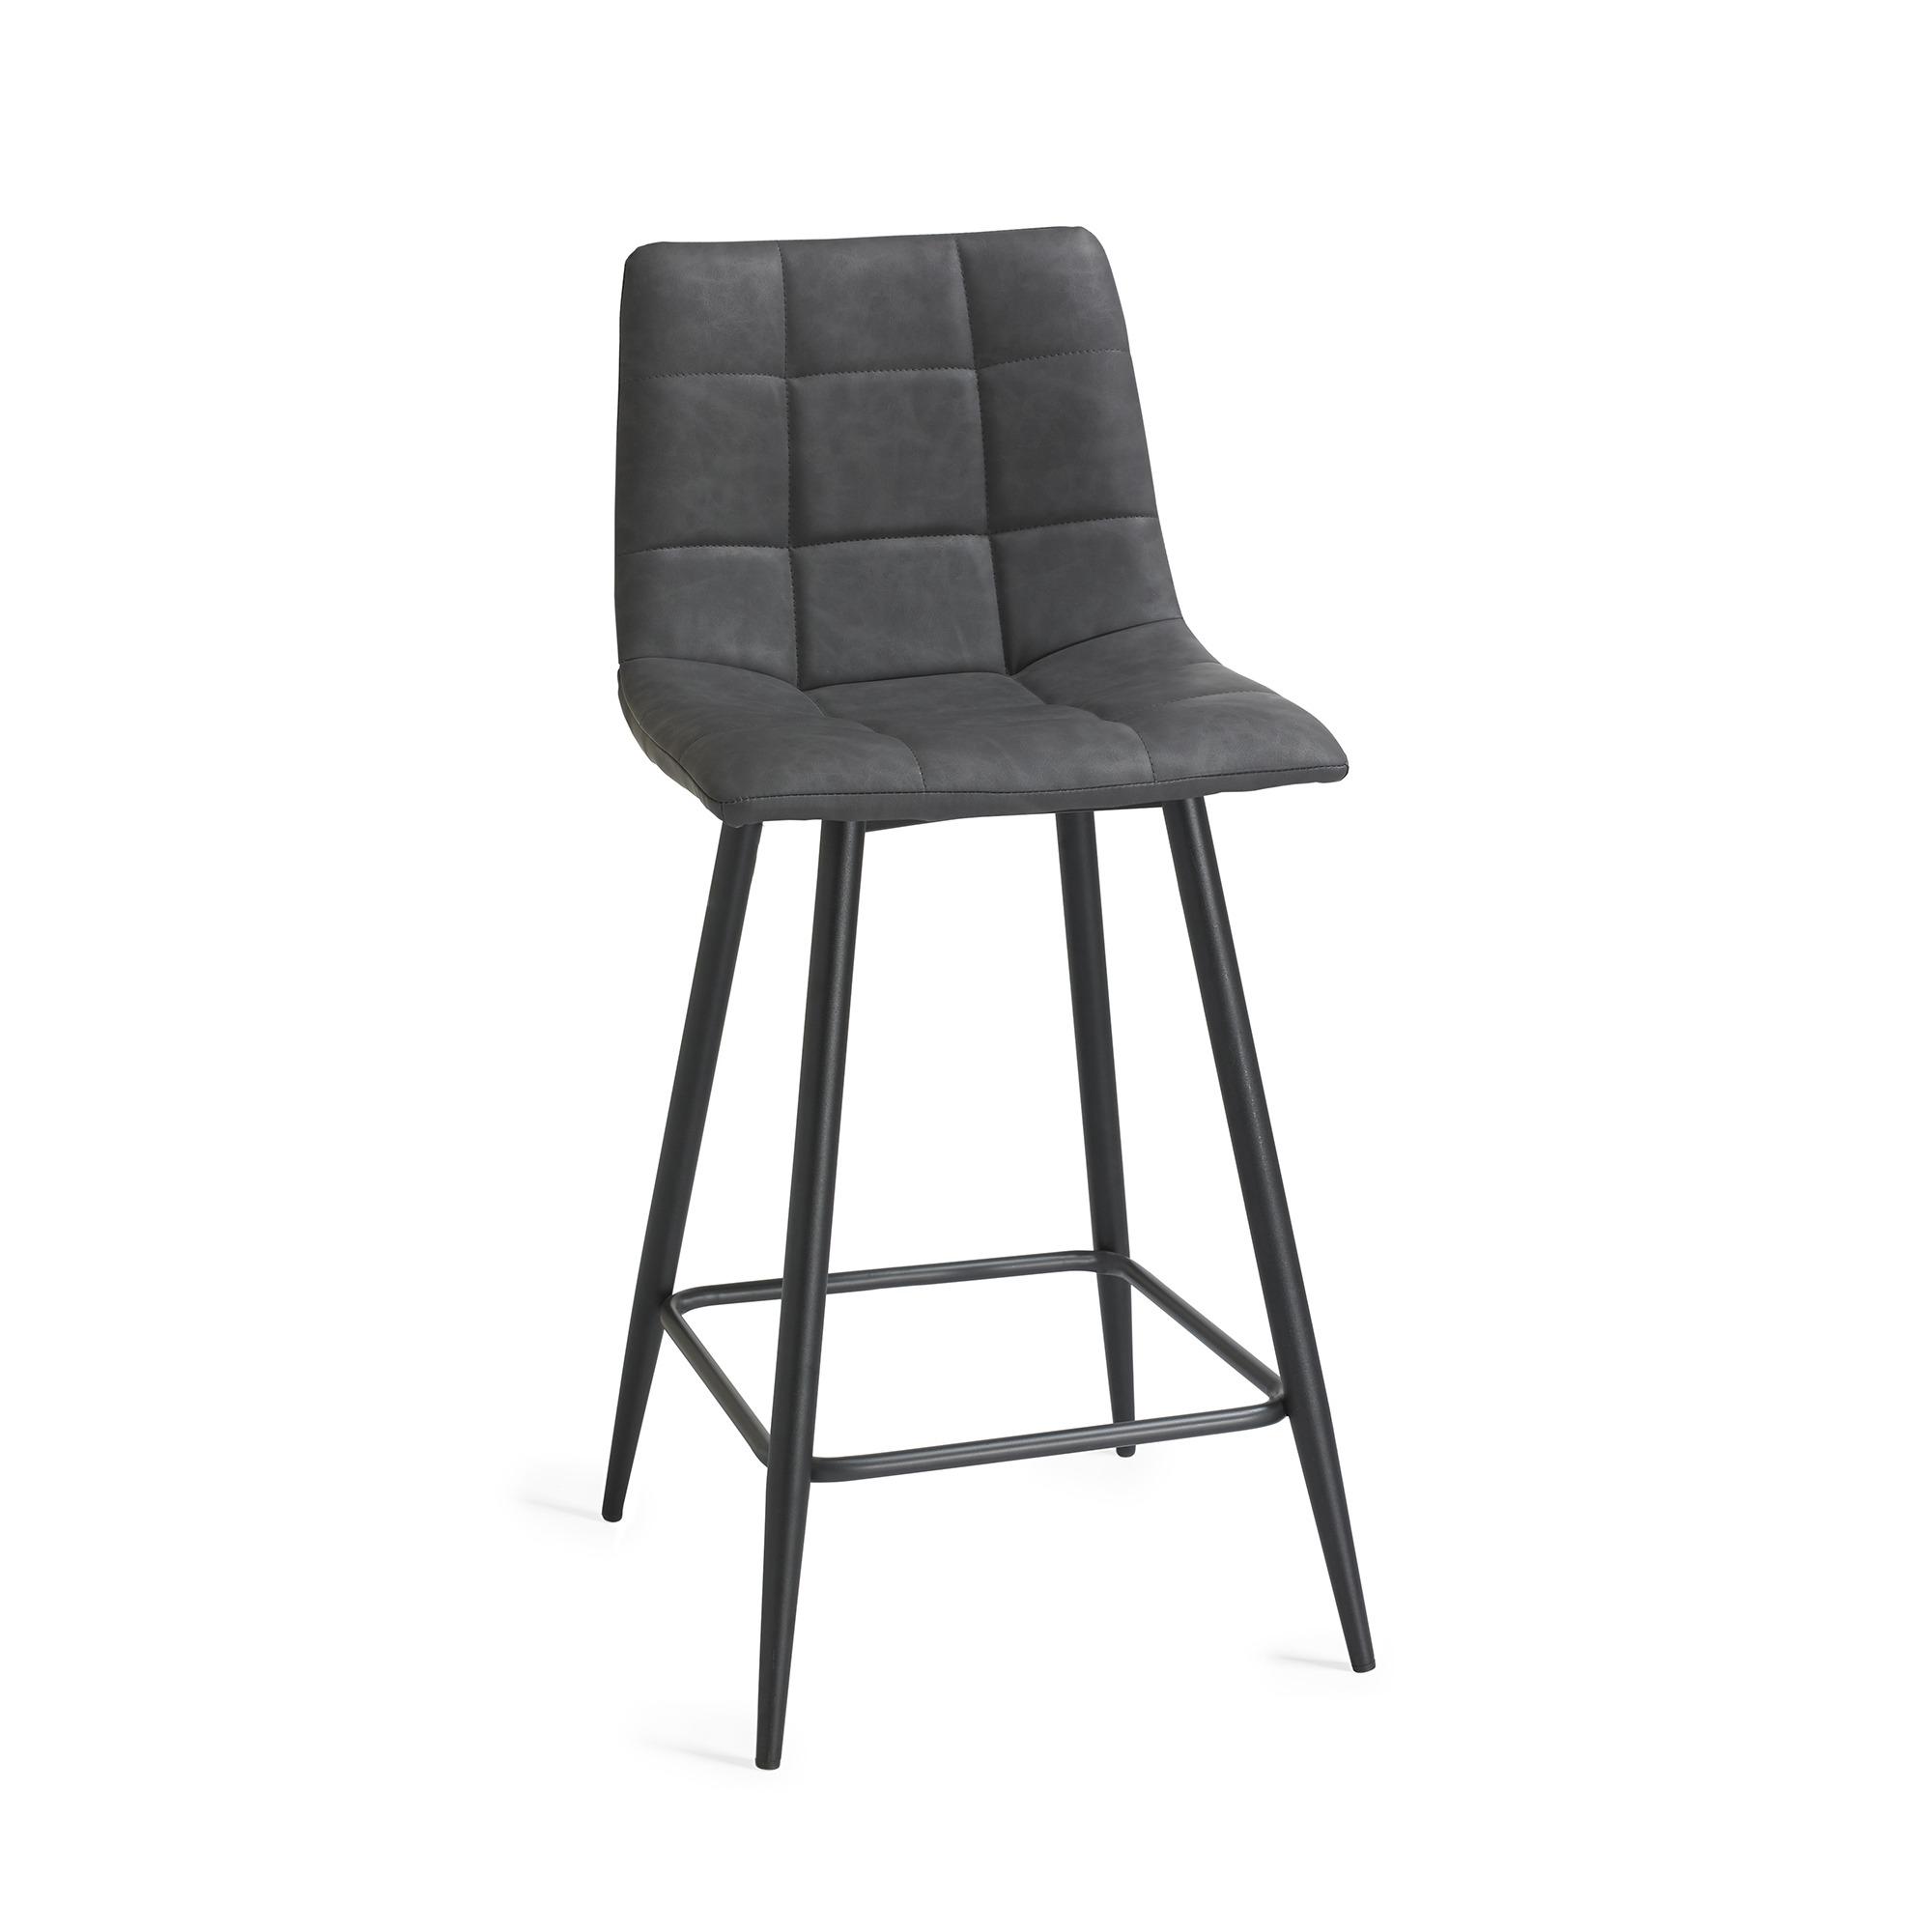 Oslo Grey leather modern bar stool